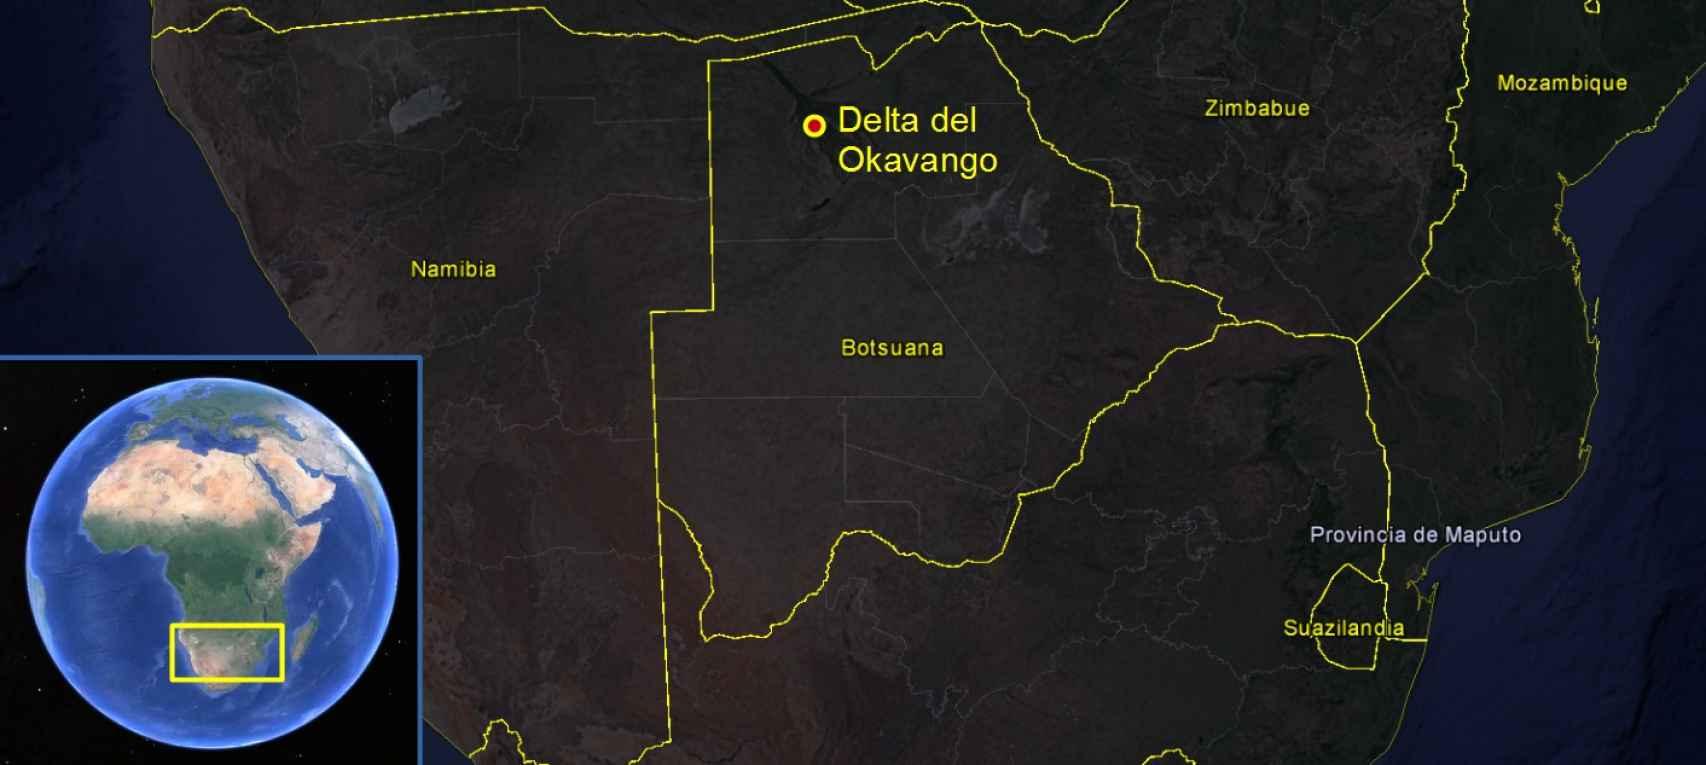 La cacería de Juan Carlos I se celebró en el delta del Okavango.